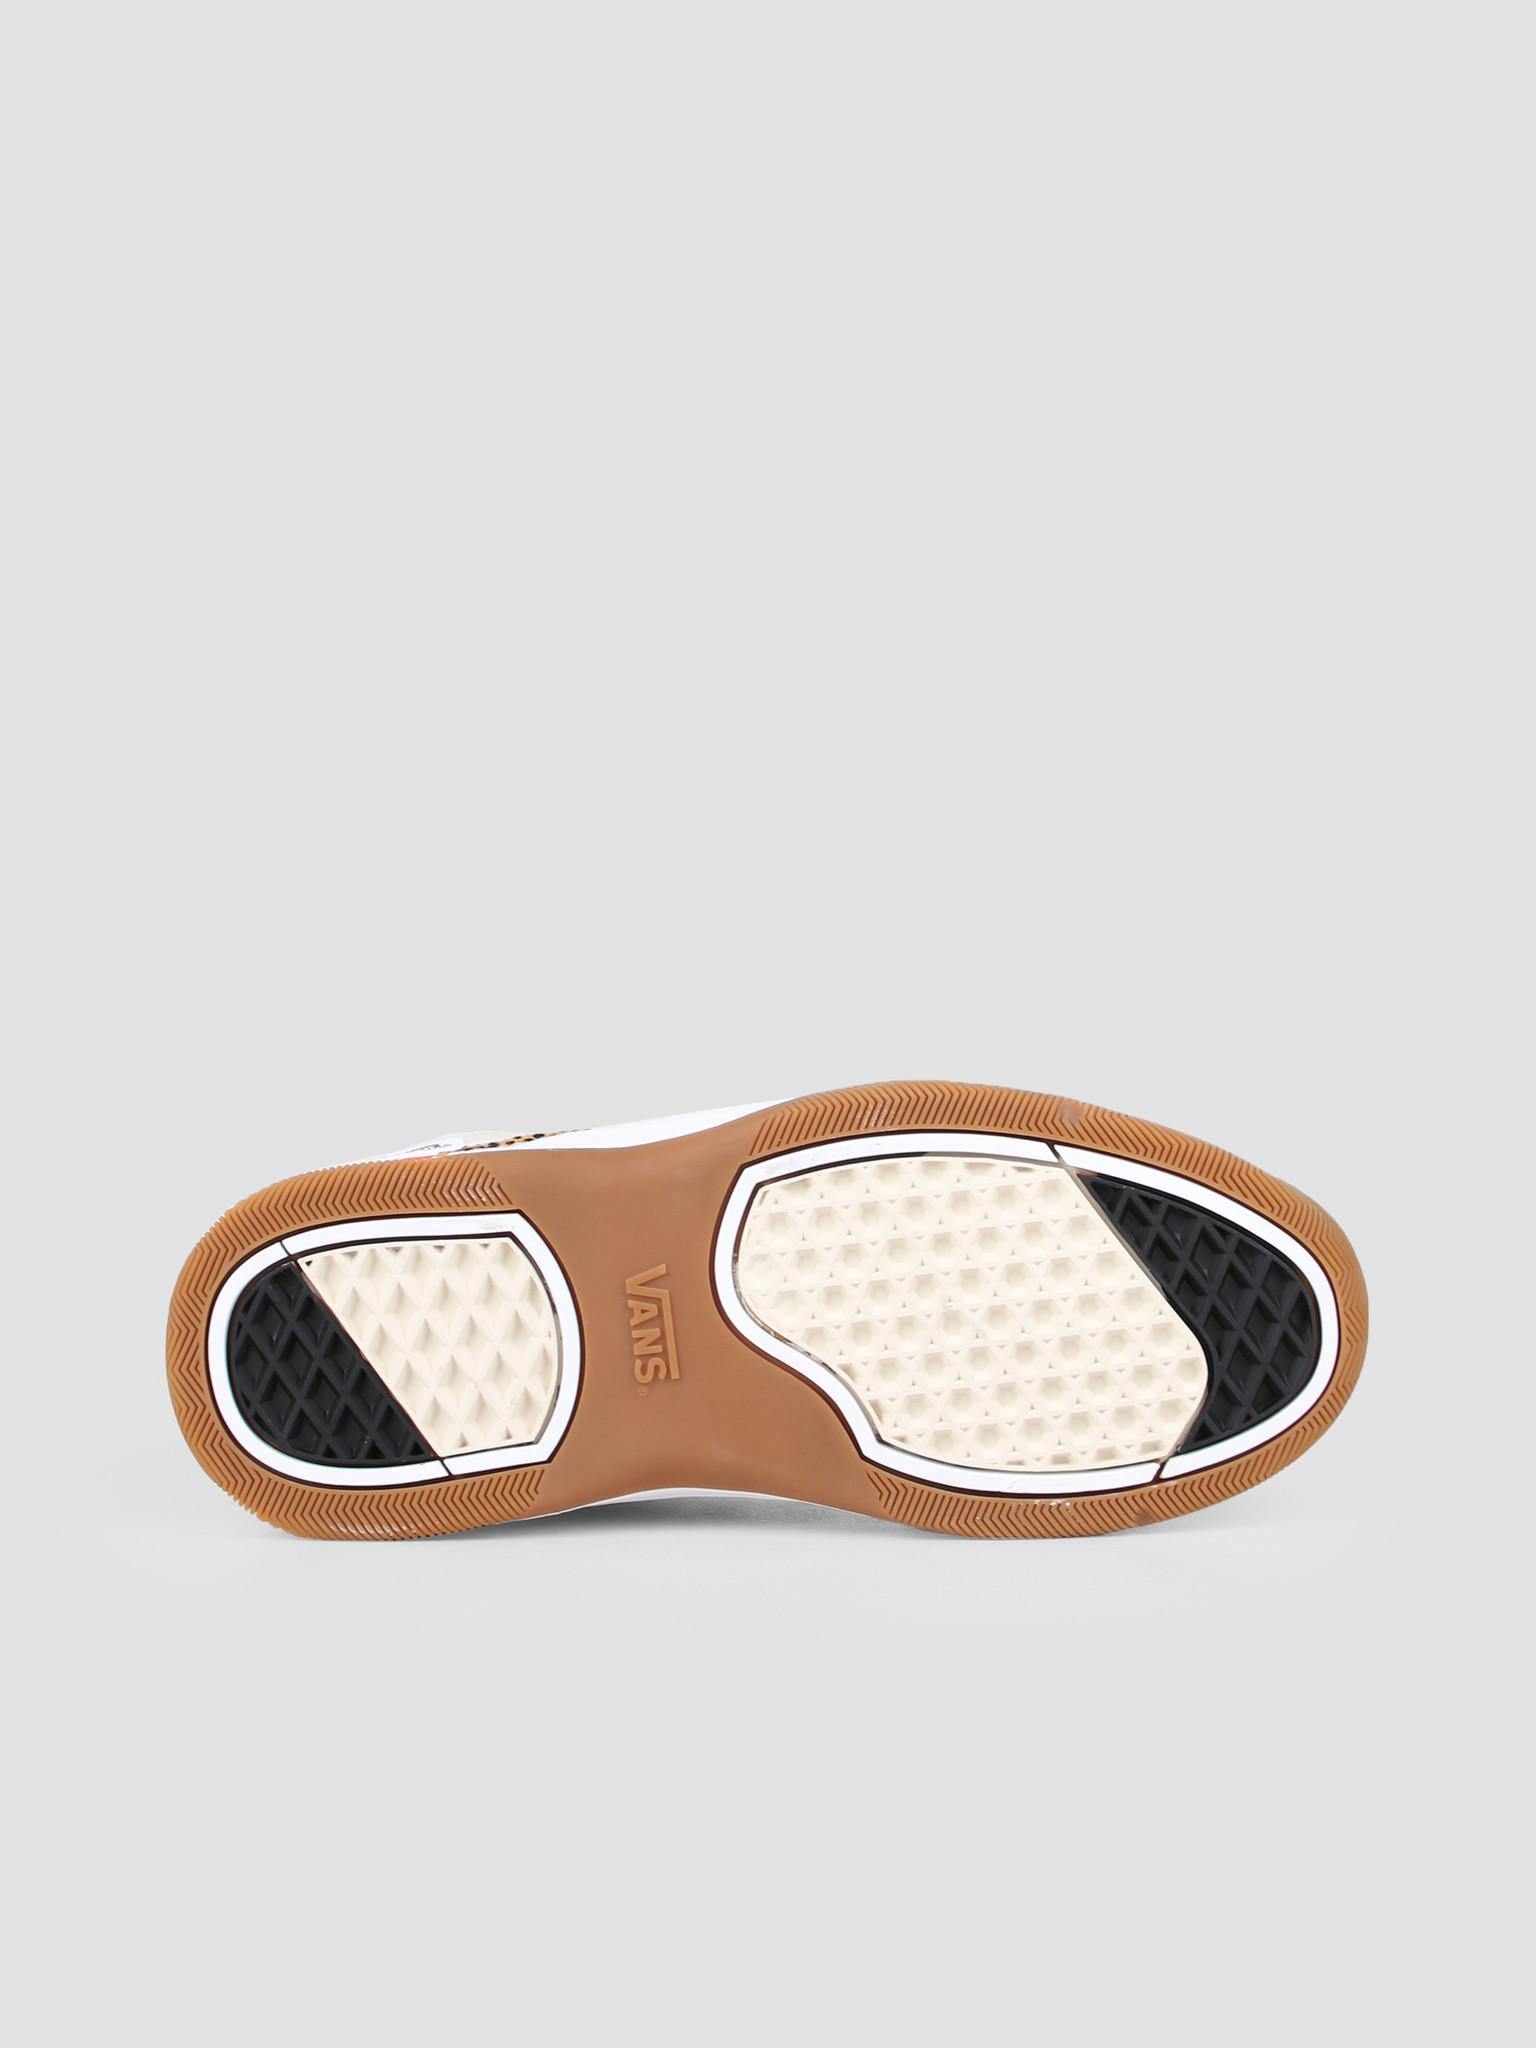 Vans Vans UA Varix Wc Tiny Cheetah Spicy Orange Guacamole VN0A3WLNXNK1